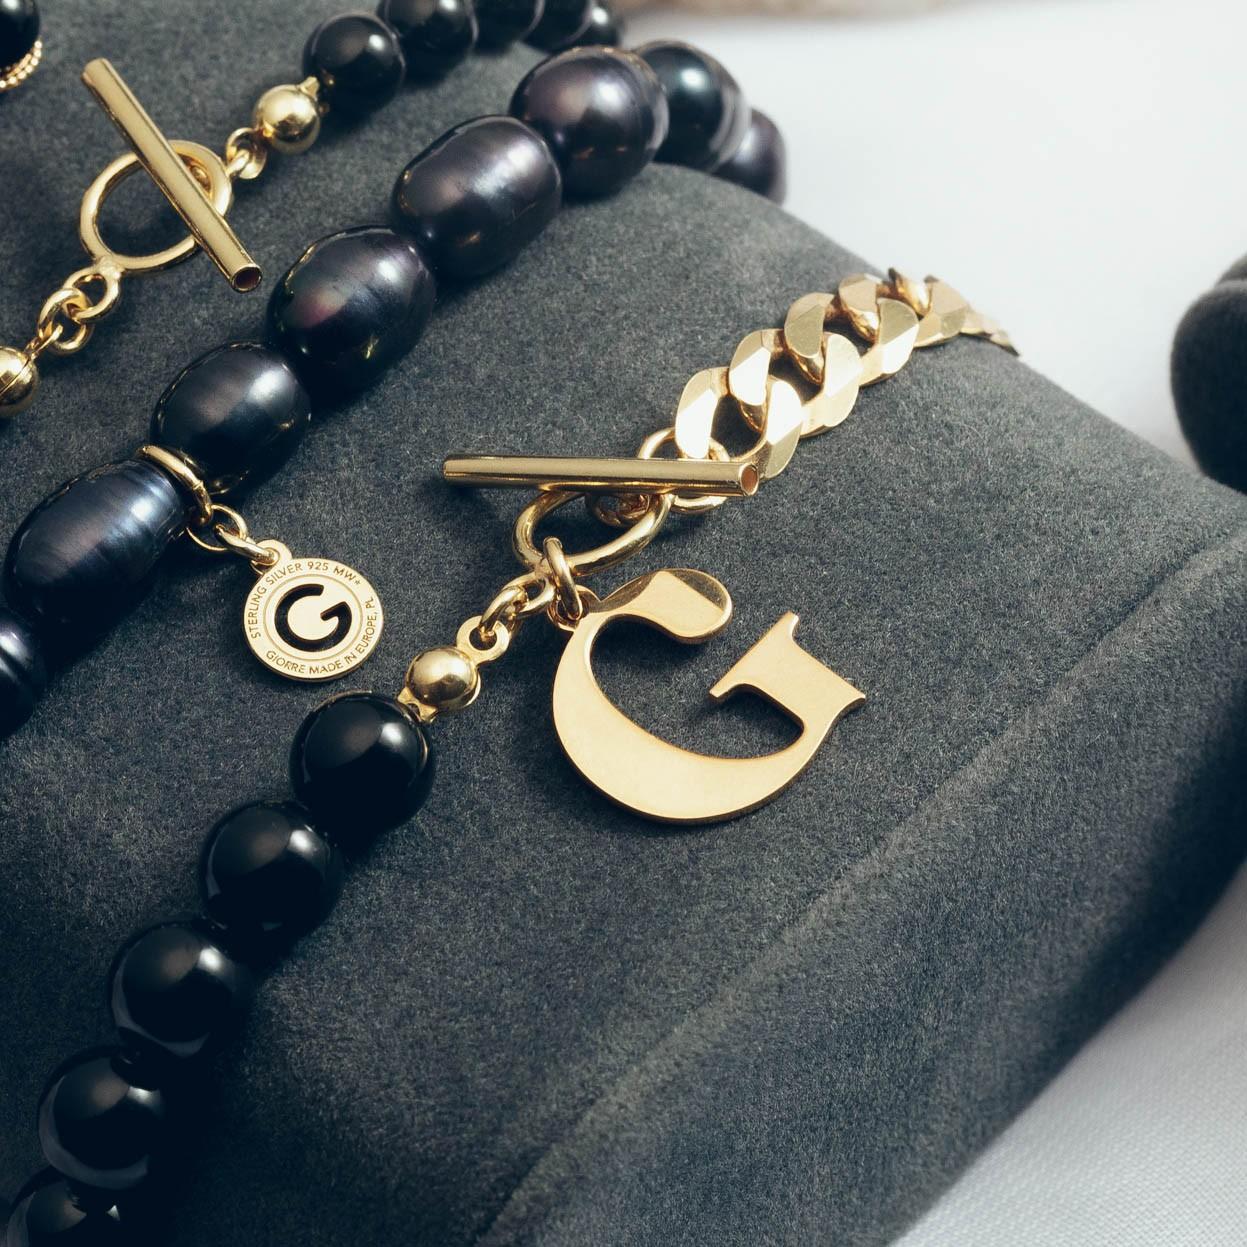 Czarna perłowa bransoletka pancerka z dowolną literą, srebro 925, Swarovski